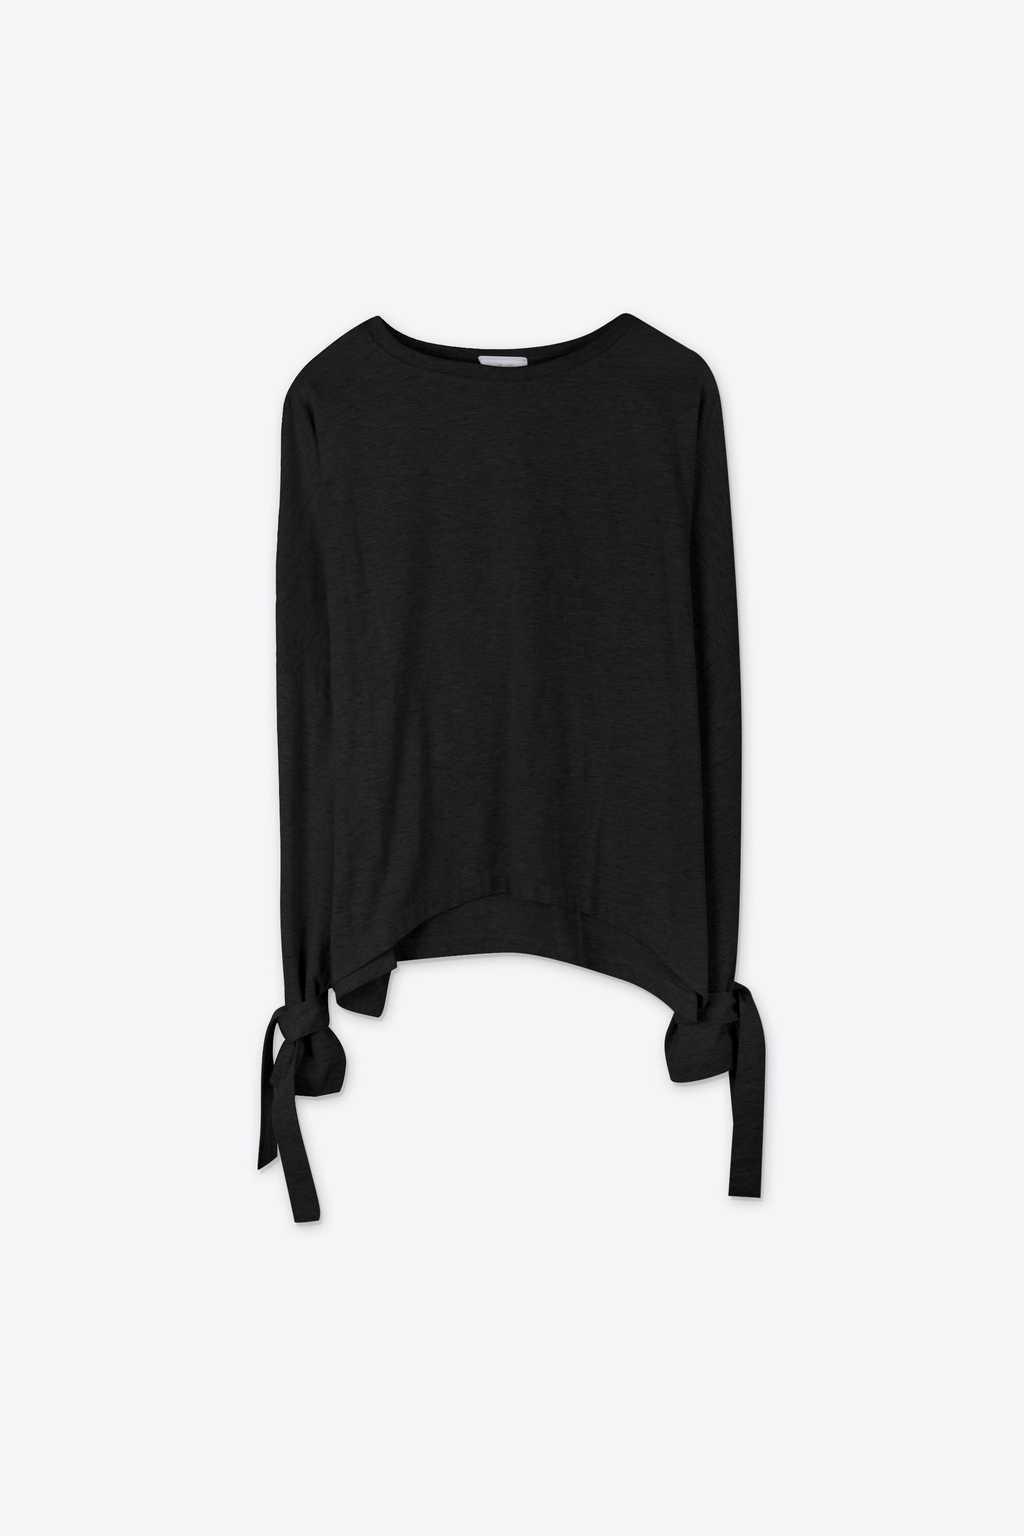 TShirt 1372 Black 6